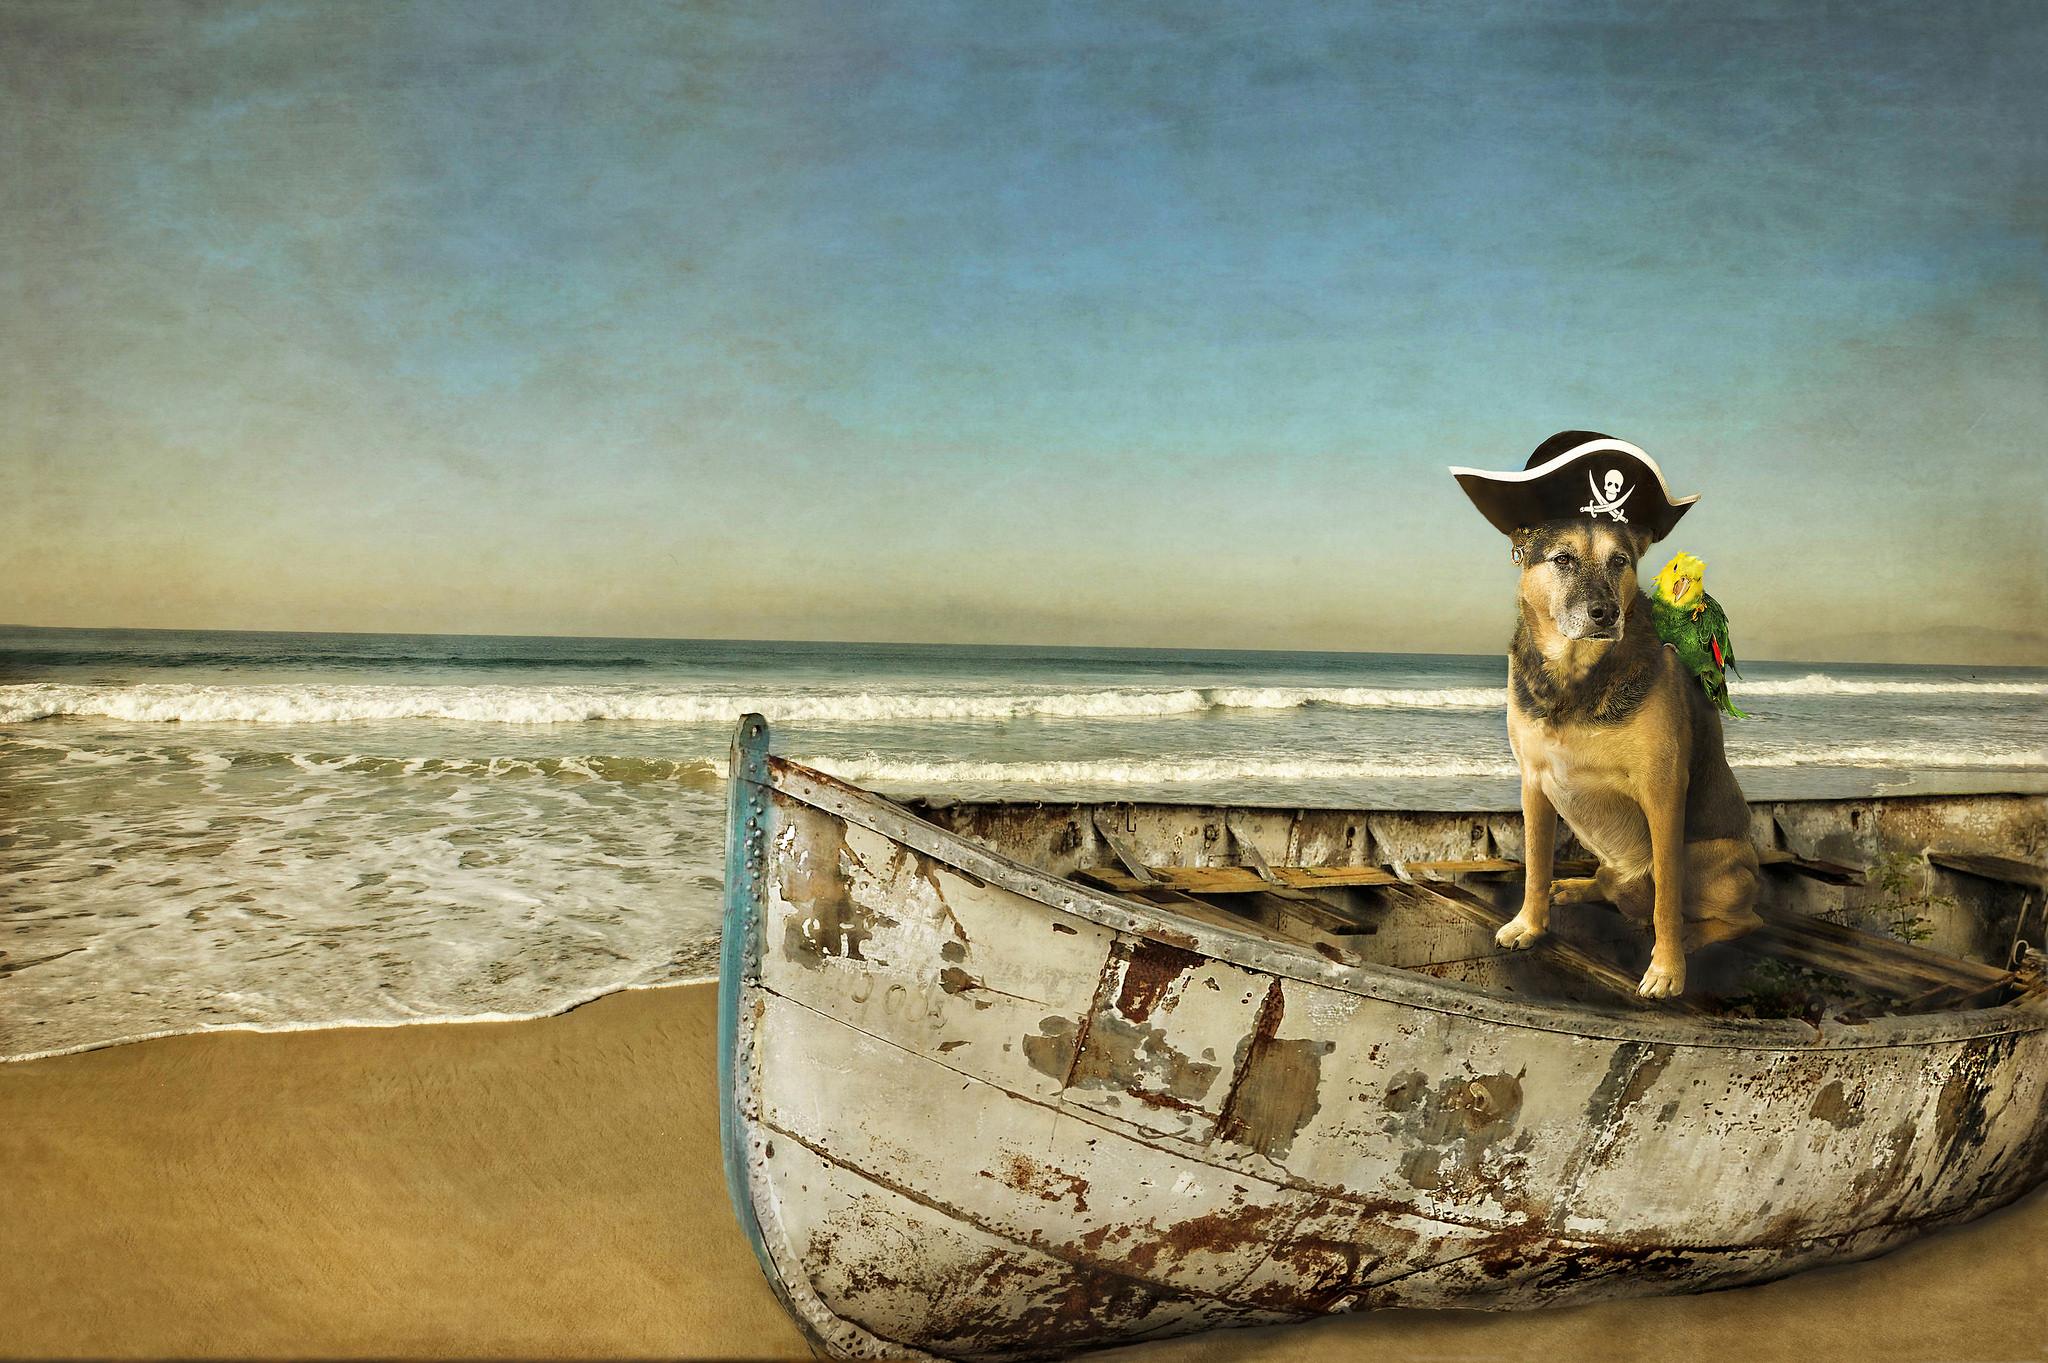 обои море, берег, лодка, собака пират картинки фото